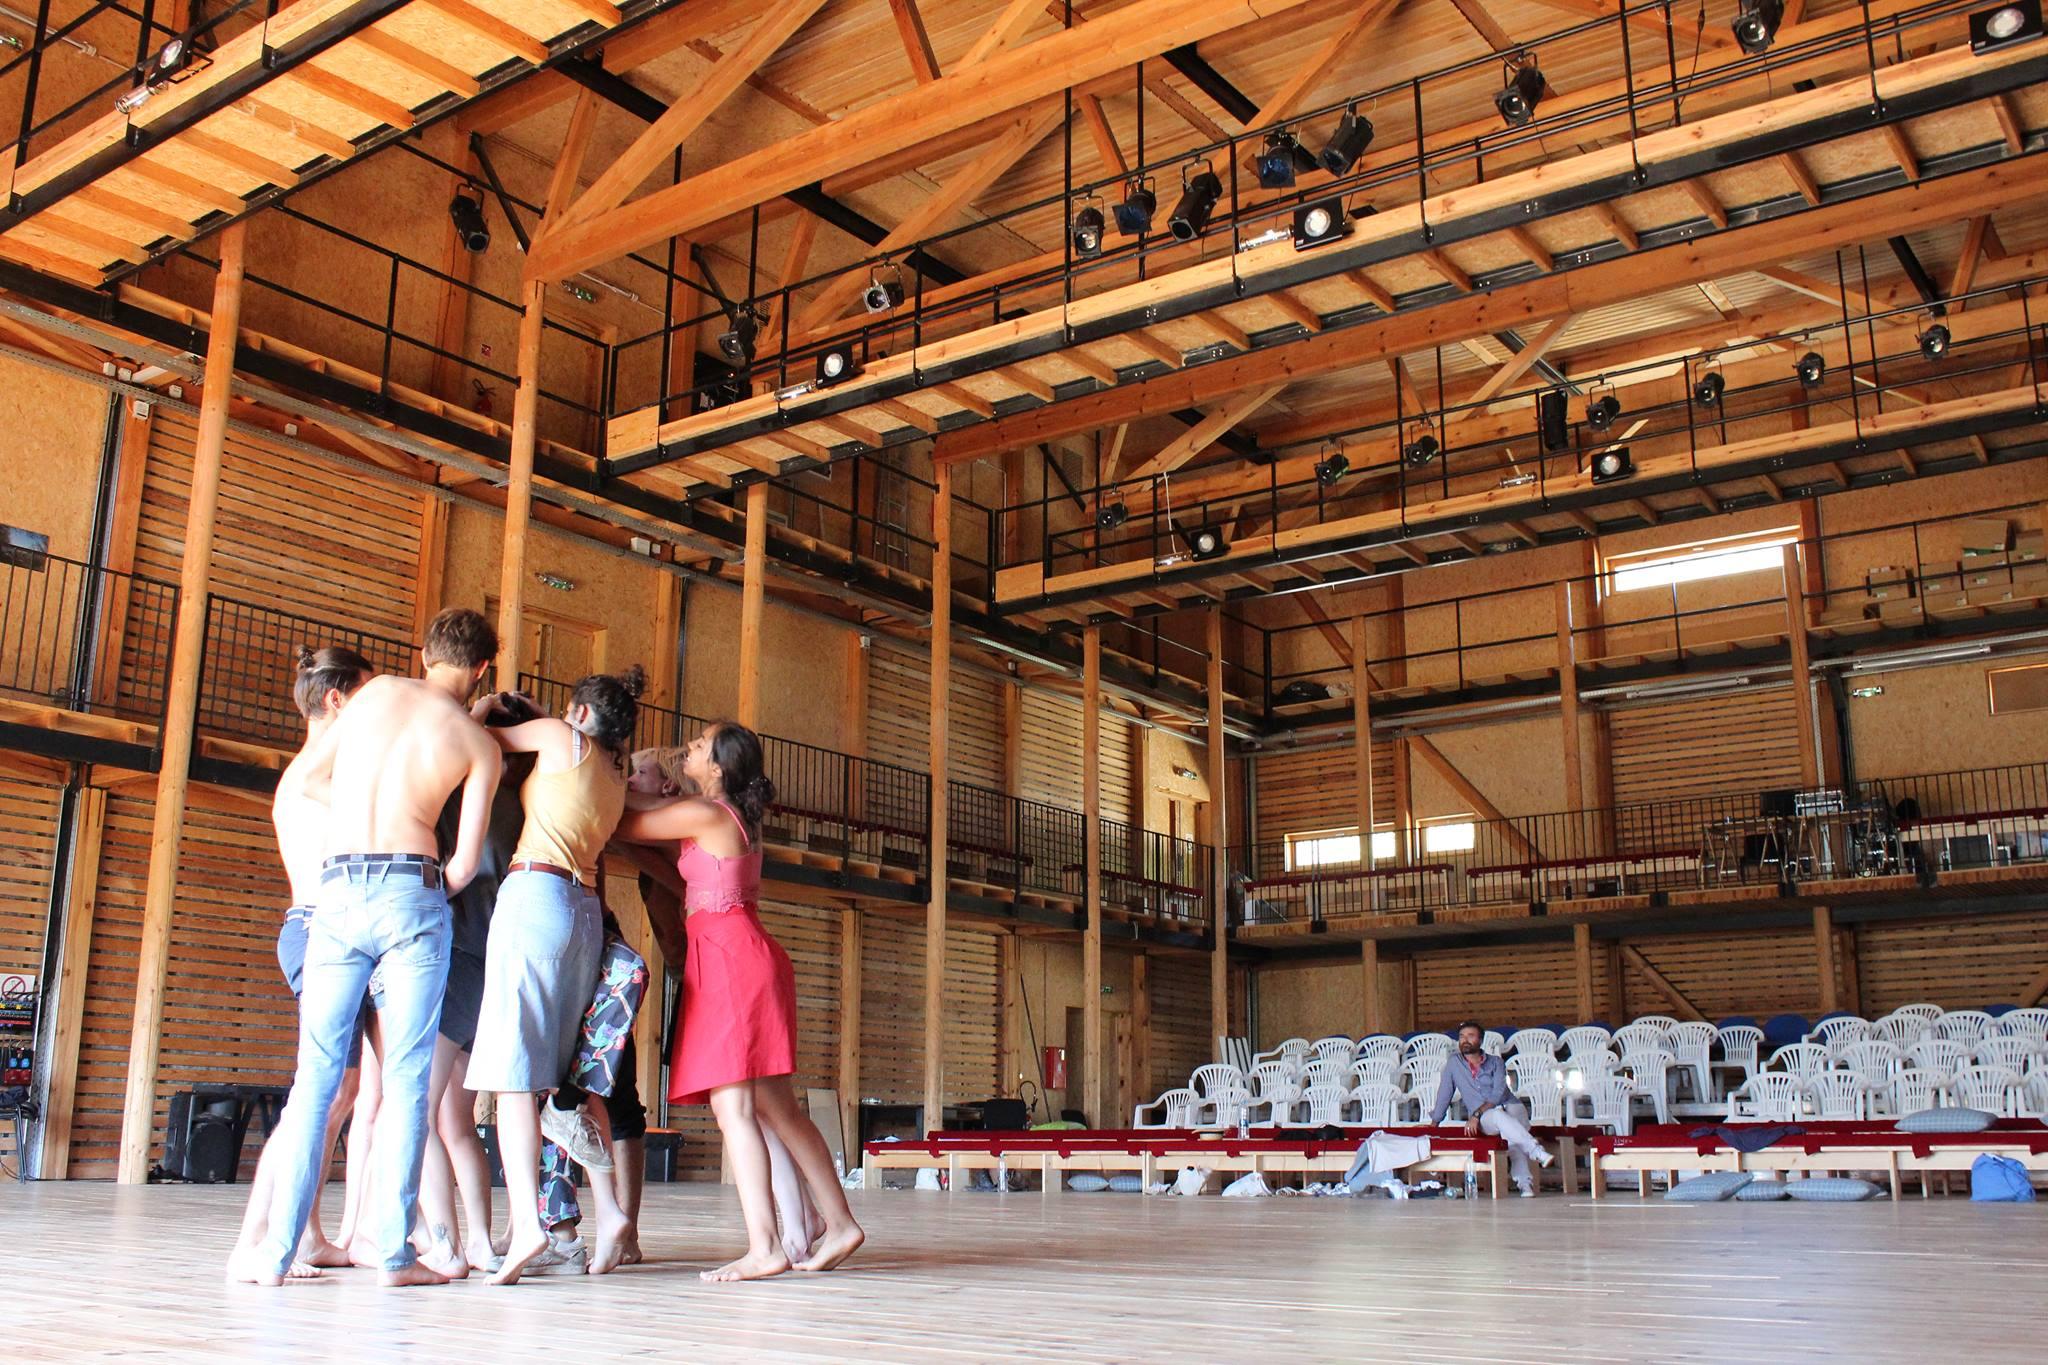 Le théâtre A Stazzona à Pioggola est un lieu bouillonnant de créativité tout au long de l'année. Crédits Photo : L'Aria